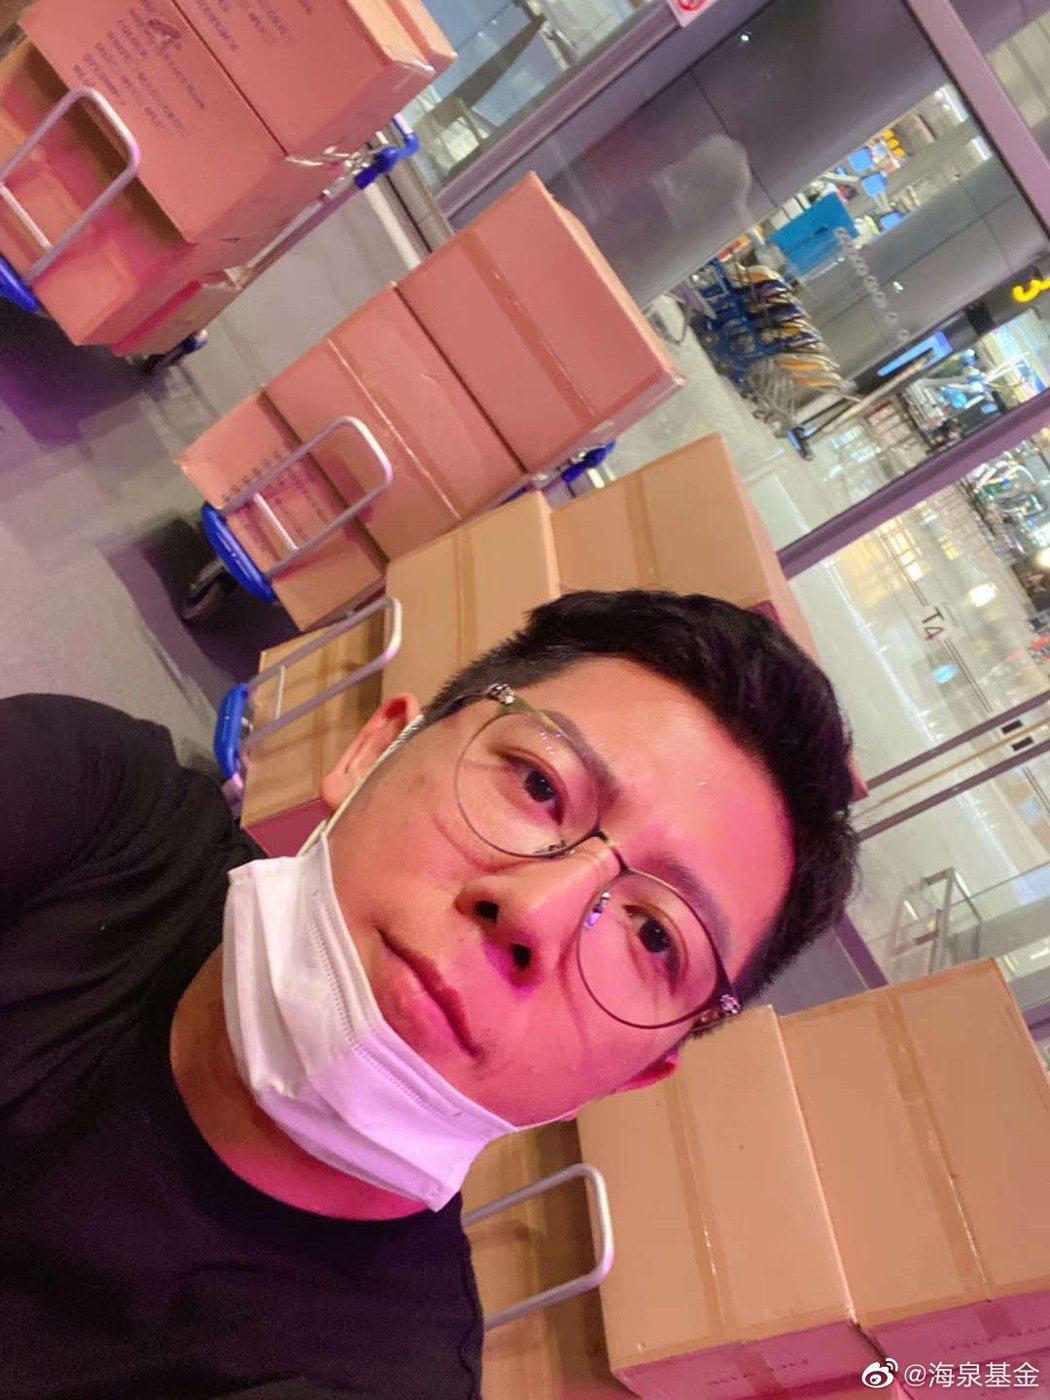 胡海泉就從國外狂掃16萬個口罩。 圖/擷自海泉基金微博